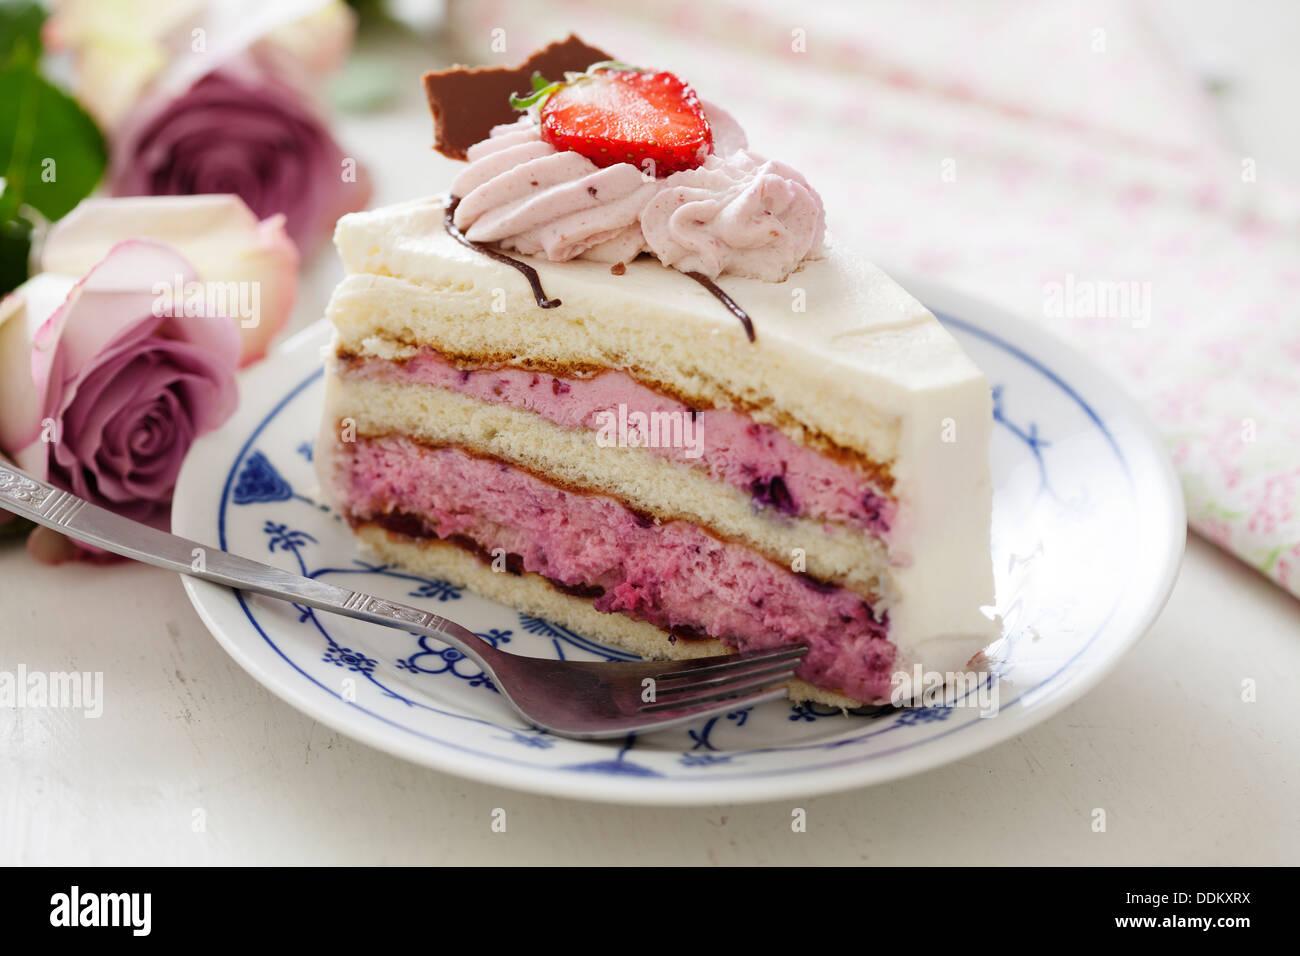 Gâteau aux fraises Photo Stock